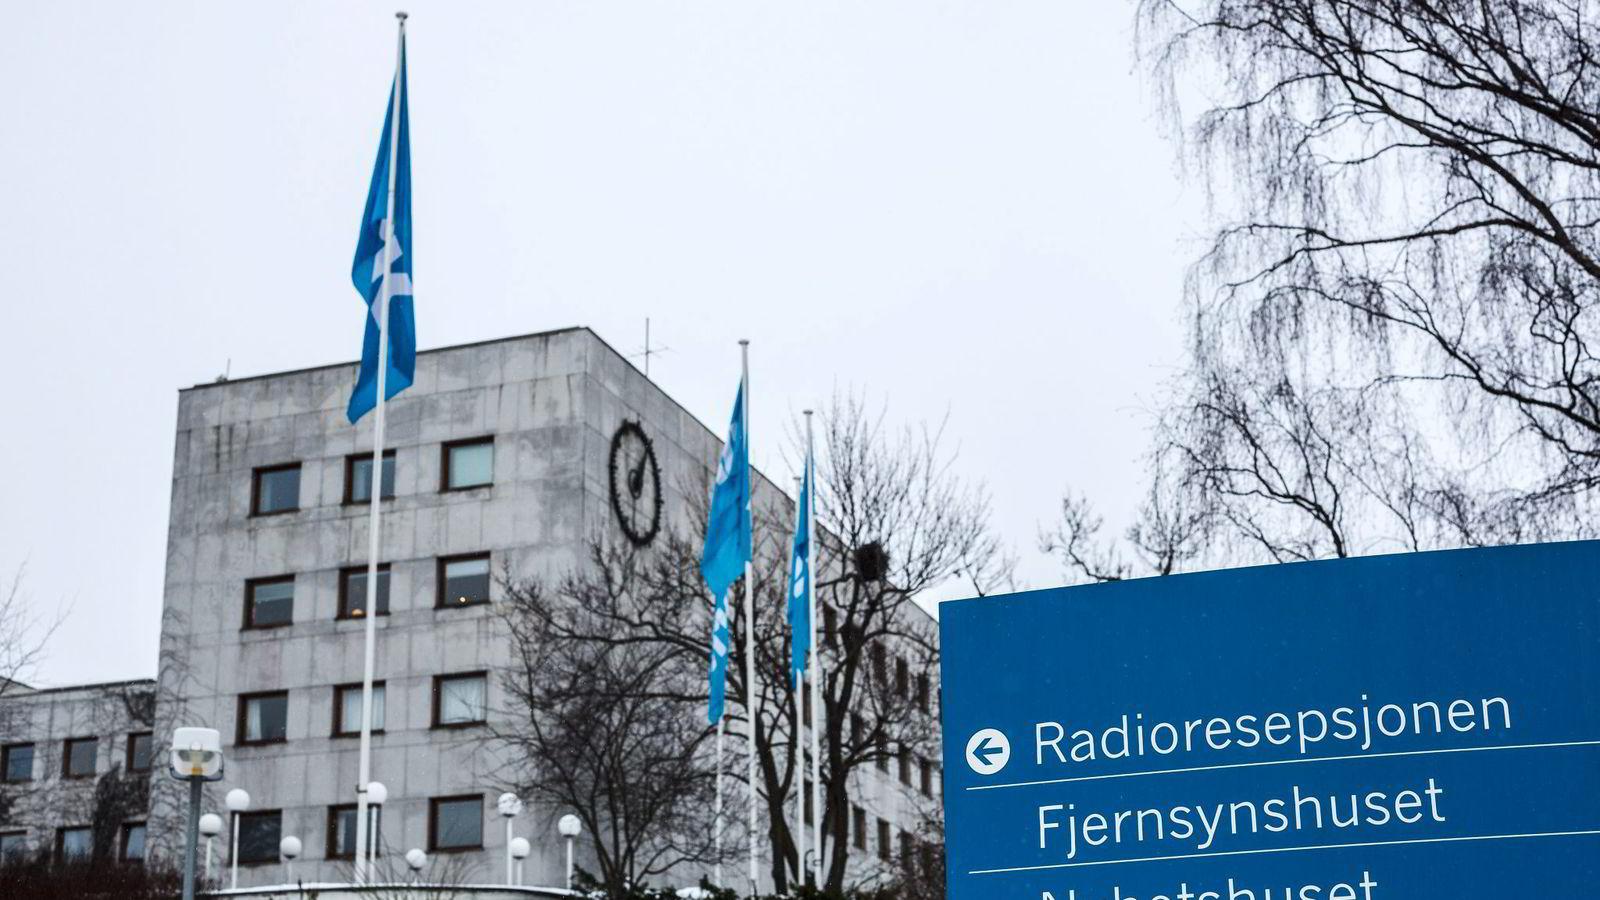 Vår studie viser at det ikke først og fremst er NRK som stjeler lesere fra nettaviser som krever betaling fra publikum, skriver artikkelforfatterne. Foto: Per Thrana